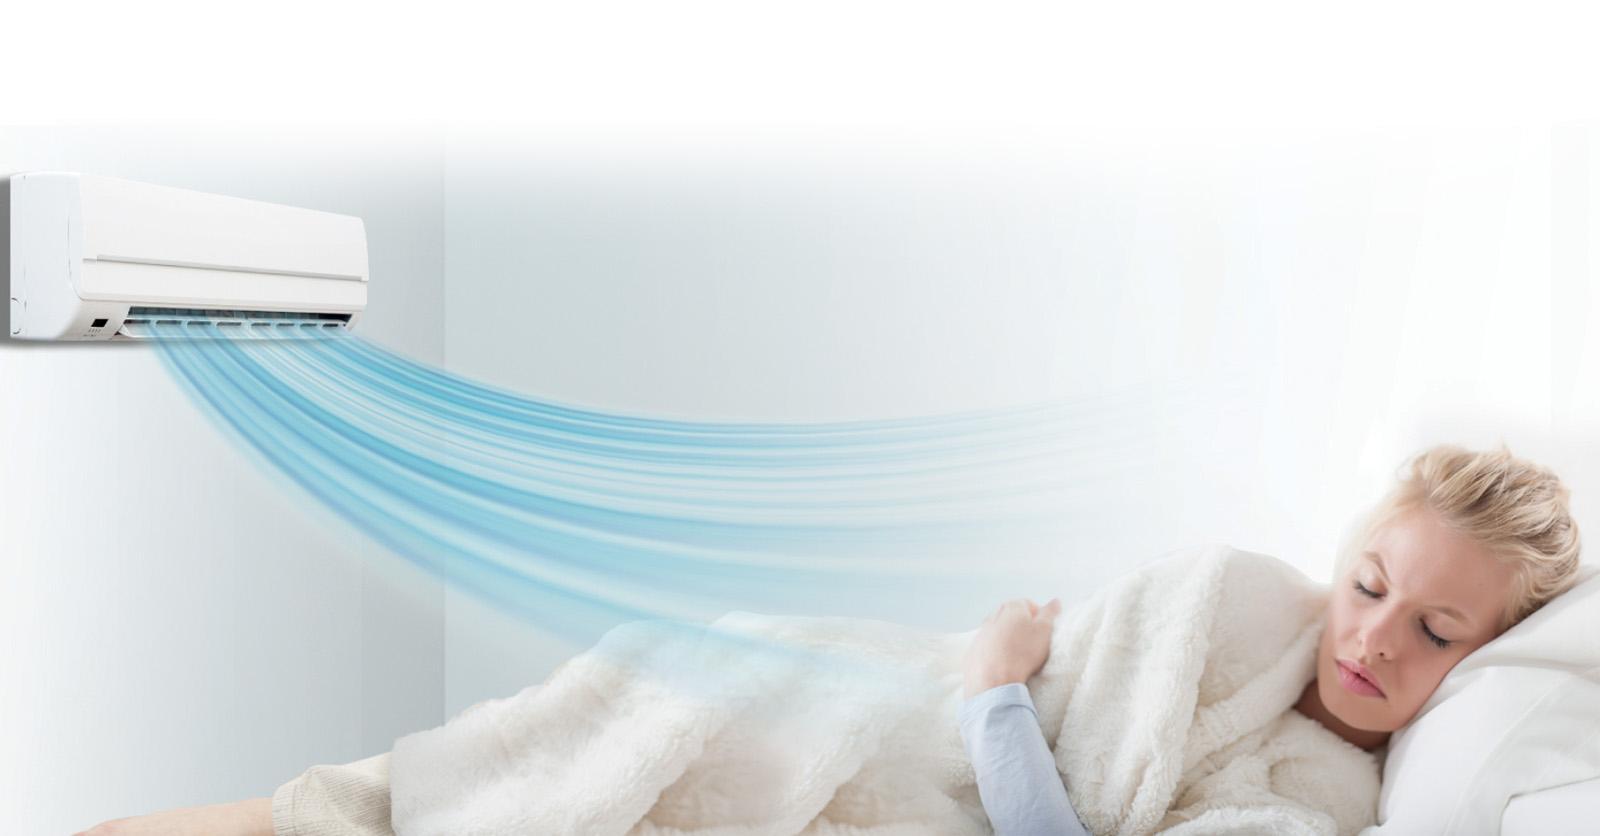 Điều hòa LG 1.0HP V10ENF cho người dùng cảm giác dễ chịu nhất khi sử dụng